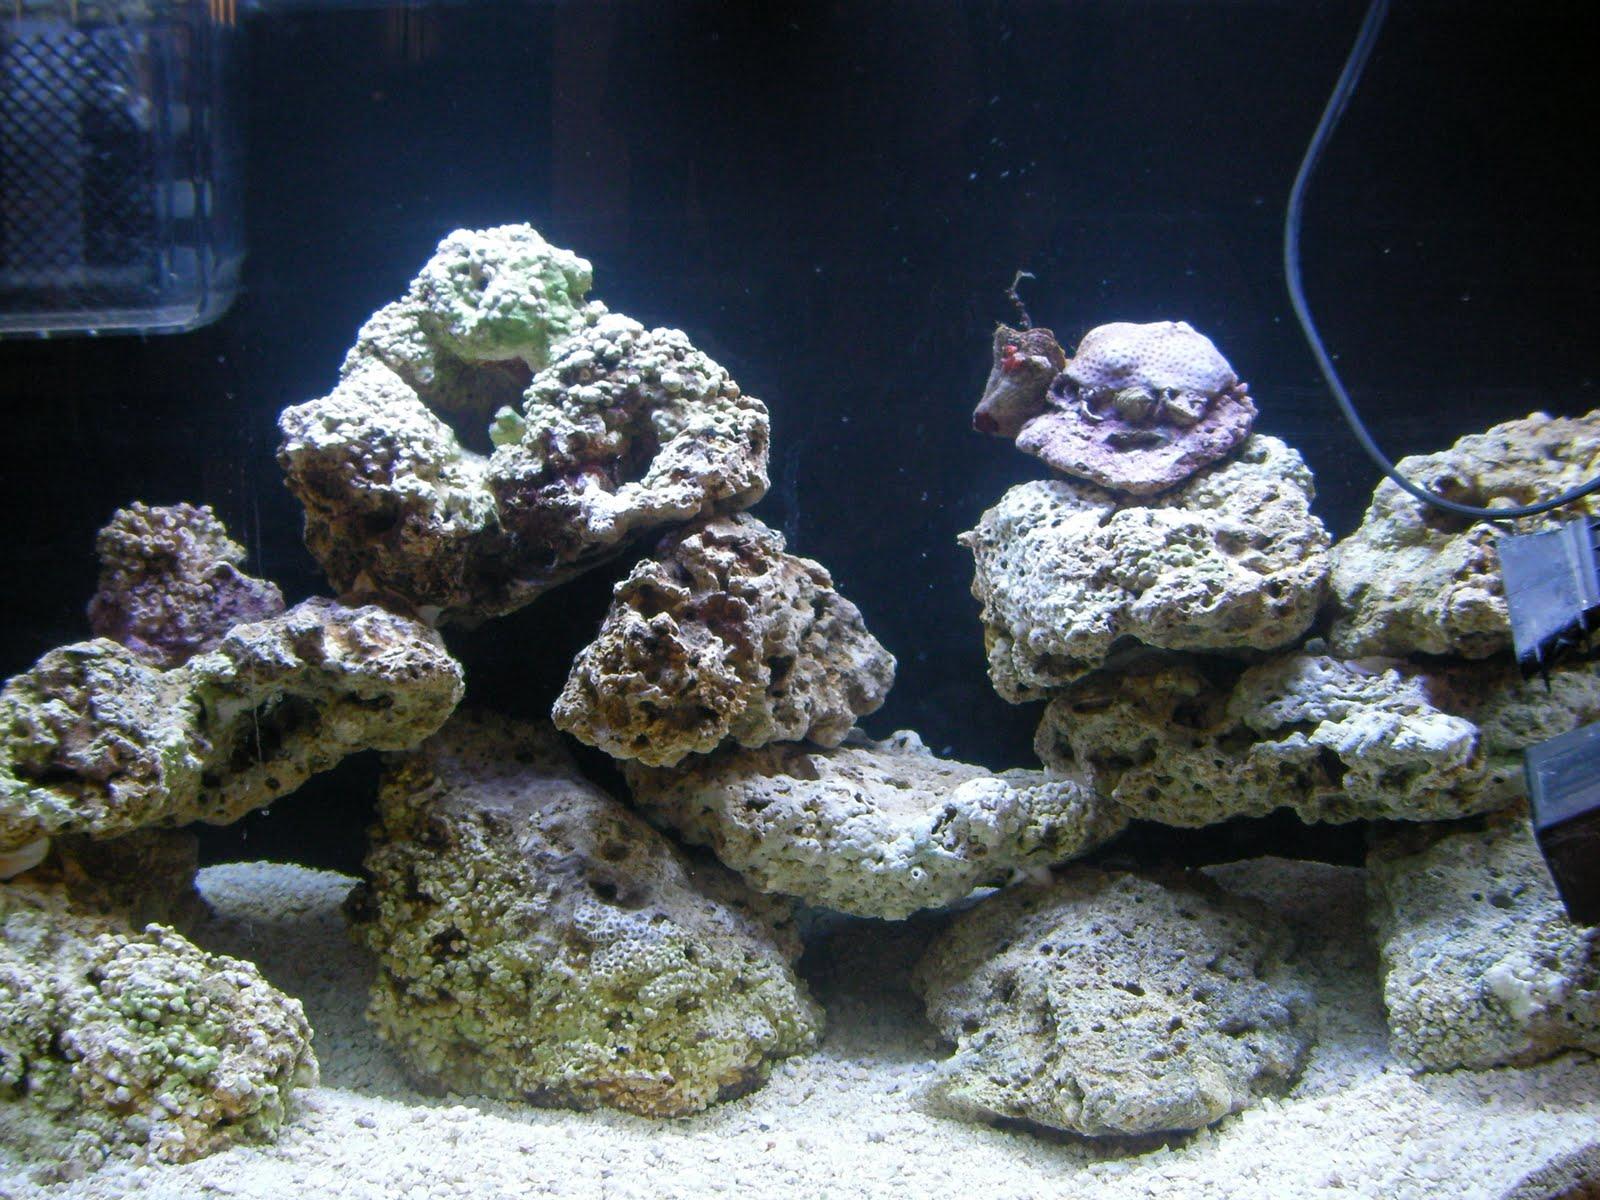 Marine Aquarium Aquascaping : Jakes Saltwater Aquarium: Permanent Aquascaping